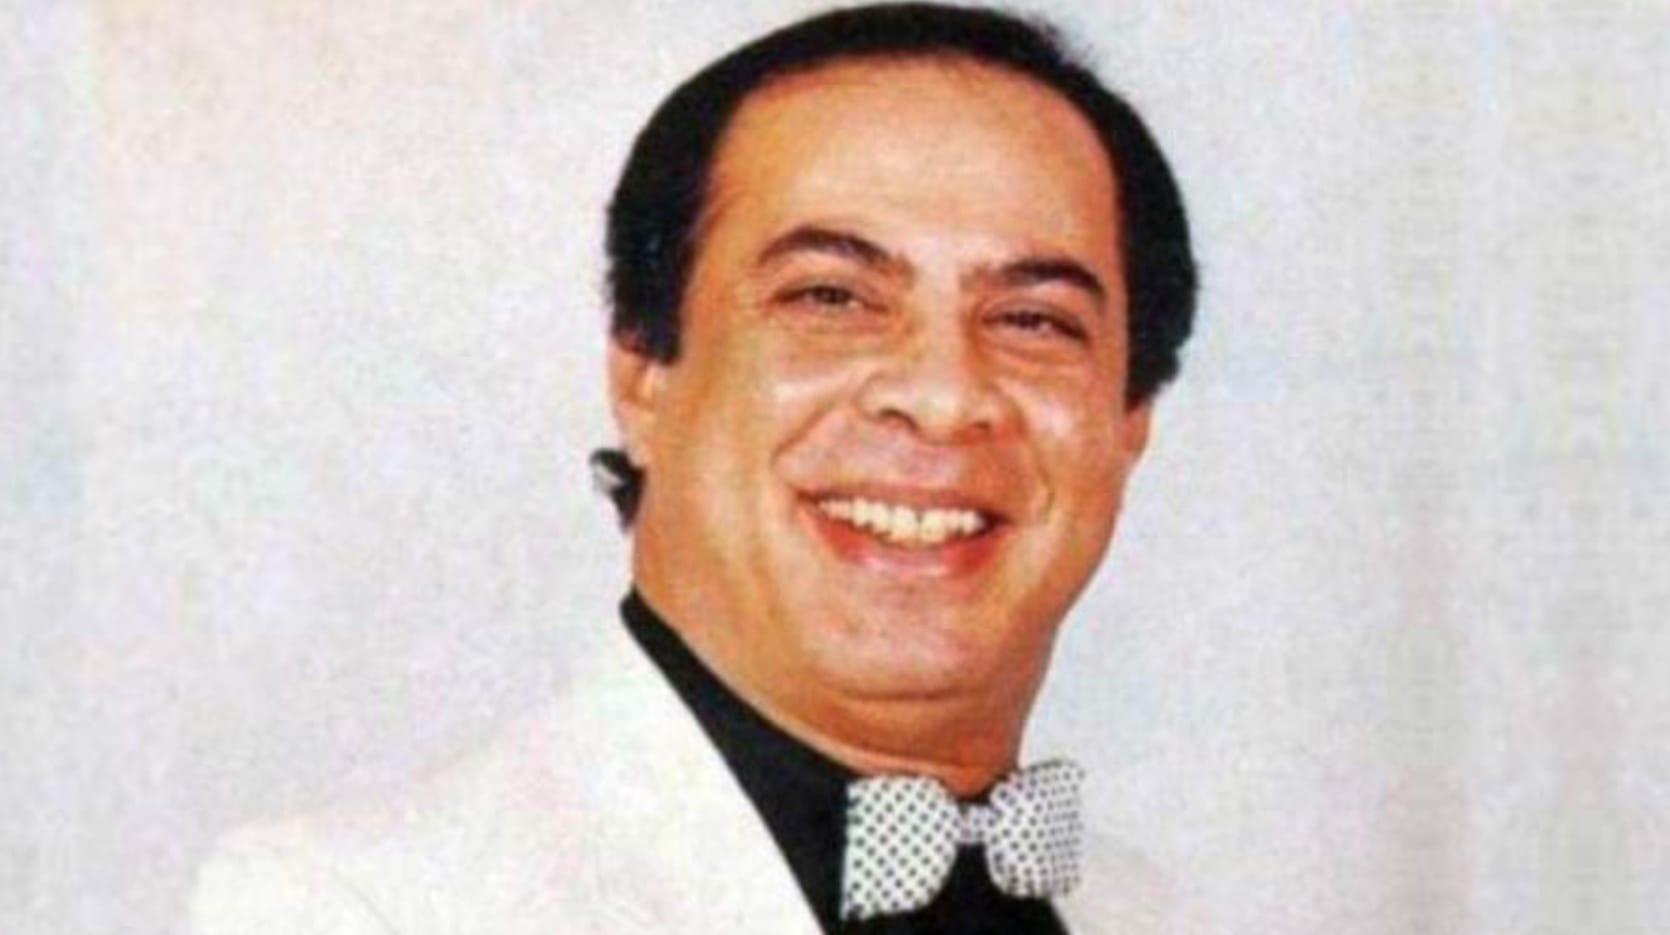 وفاة الفنان المصري المنتصر بالله عن عمر يناهز 70 عامًا